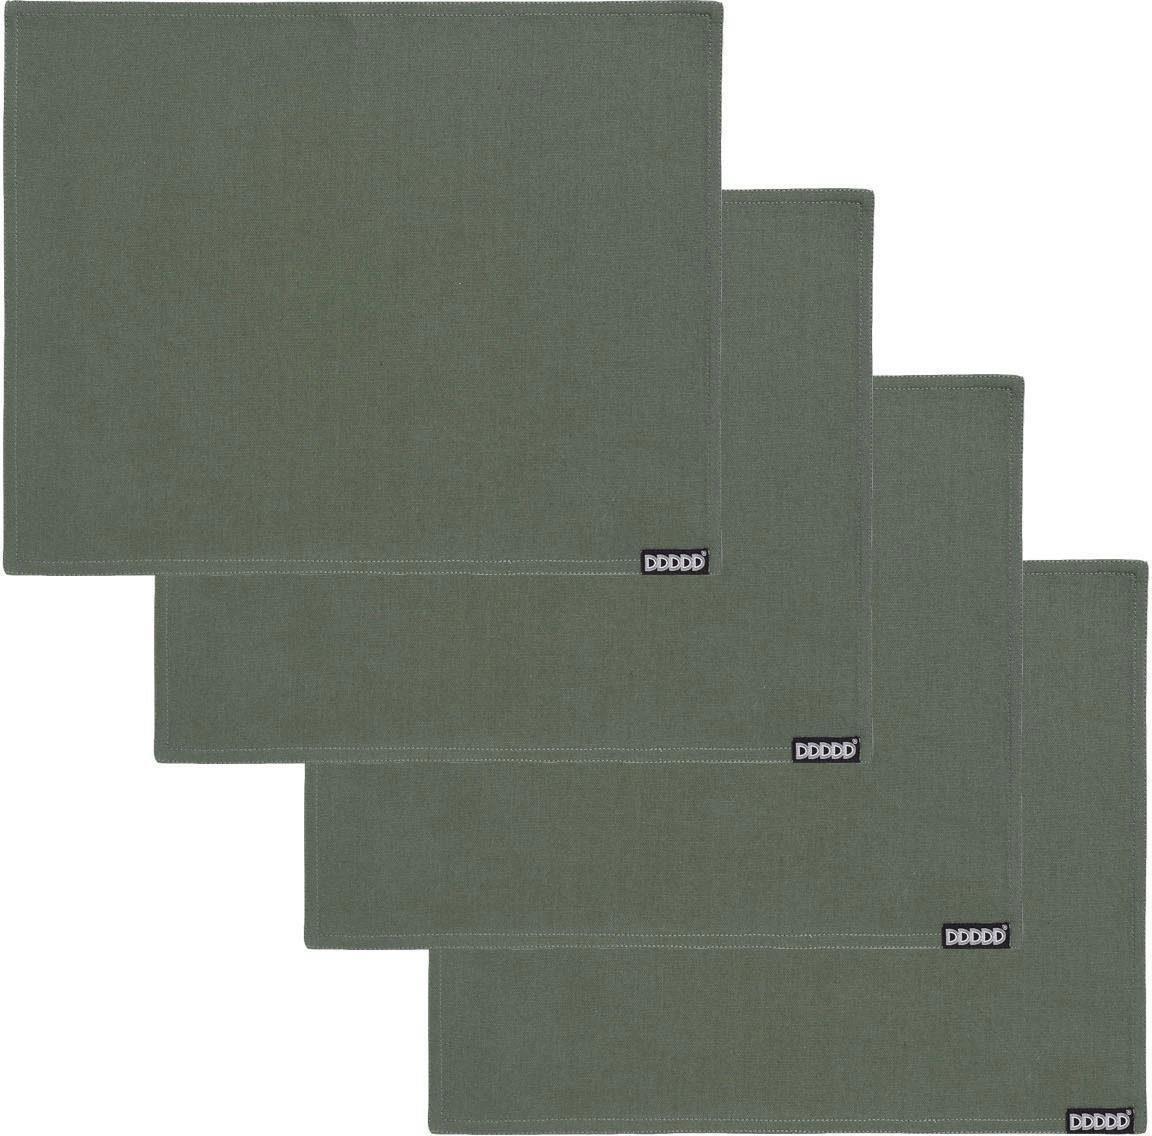 Platzset Kit DDDDD (Set 4-tlg) Wohnen/Haushalt/Haushaltswaren/Geschirr, Porzellan & Tischaccessoires/Tischaccessoires/Tischdecken/Tischsets & Platzsets